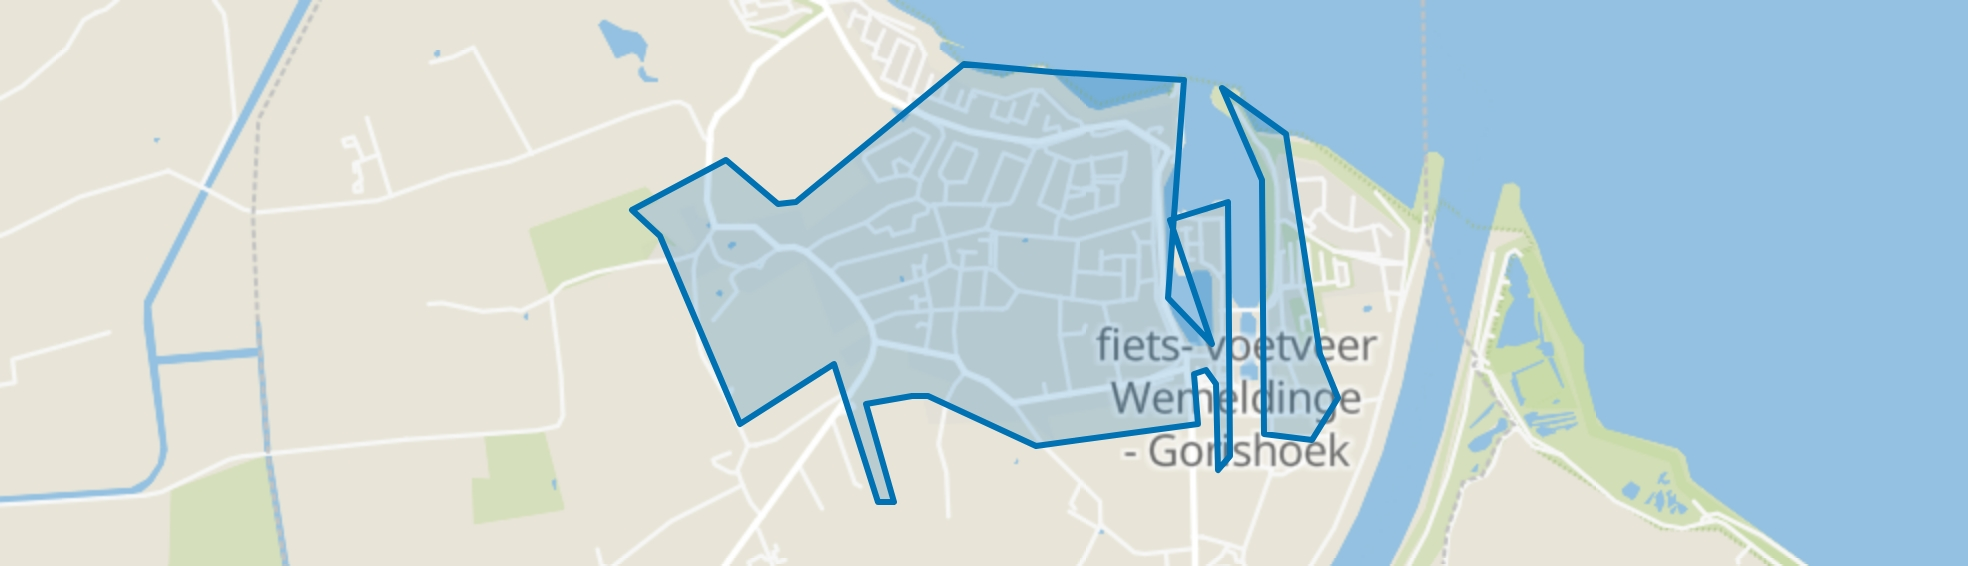 Wemeldinge, Wemeldinge map